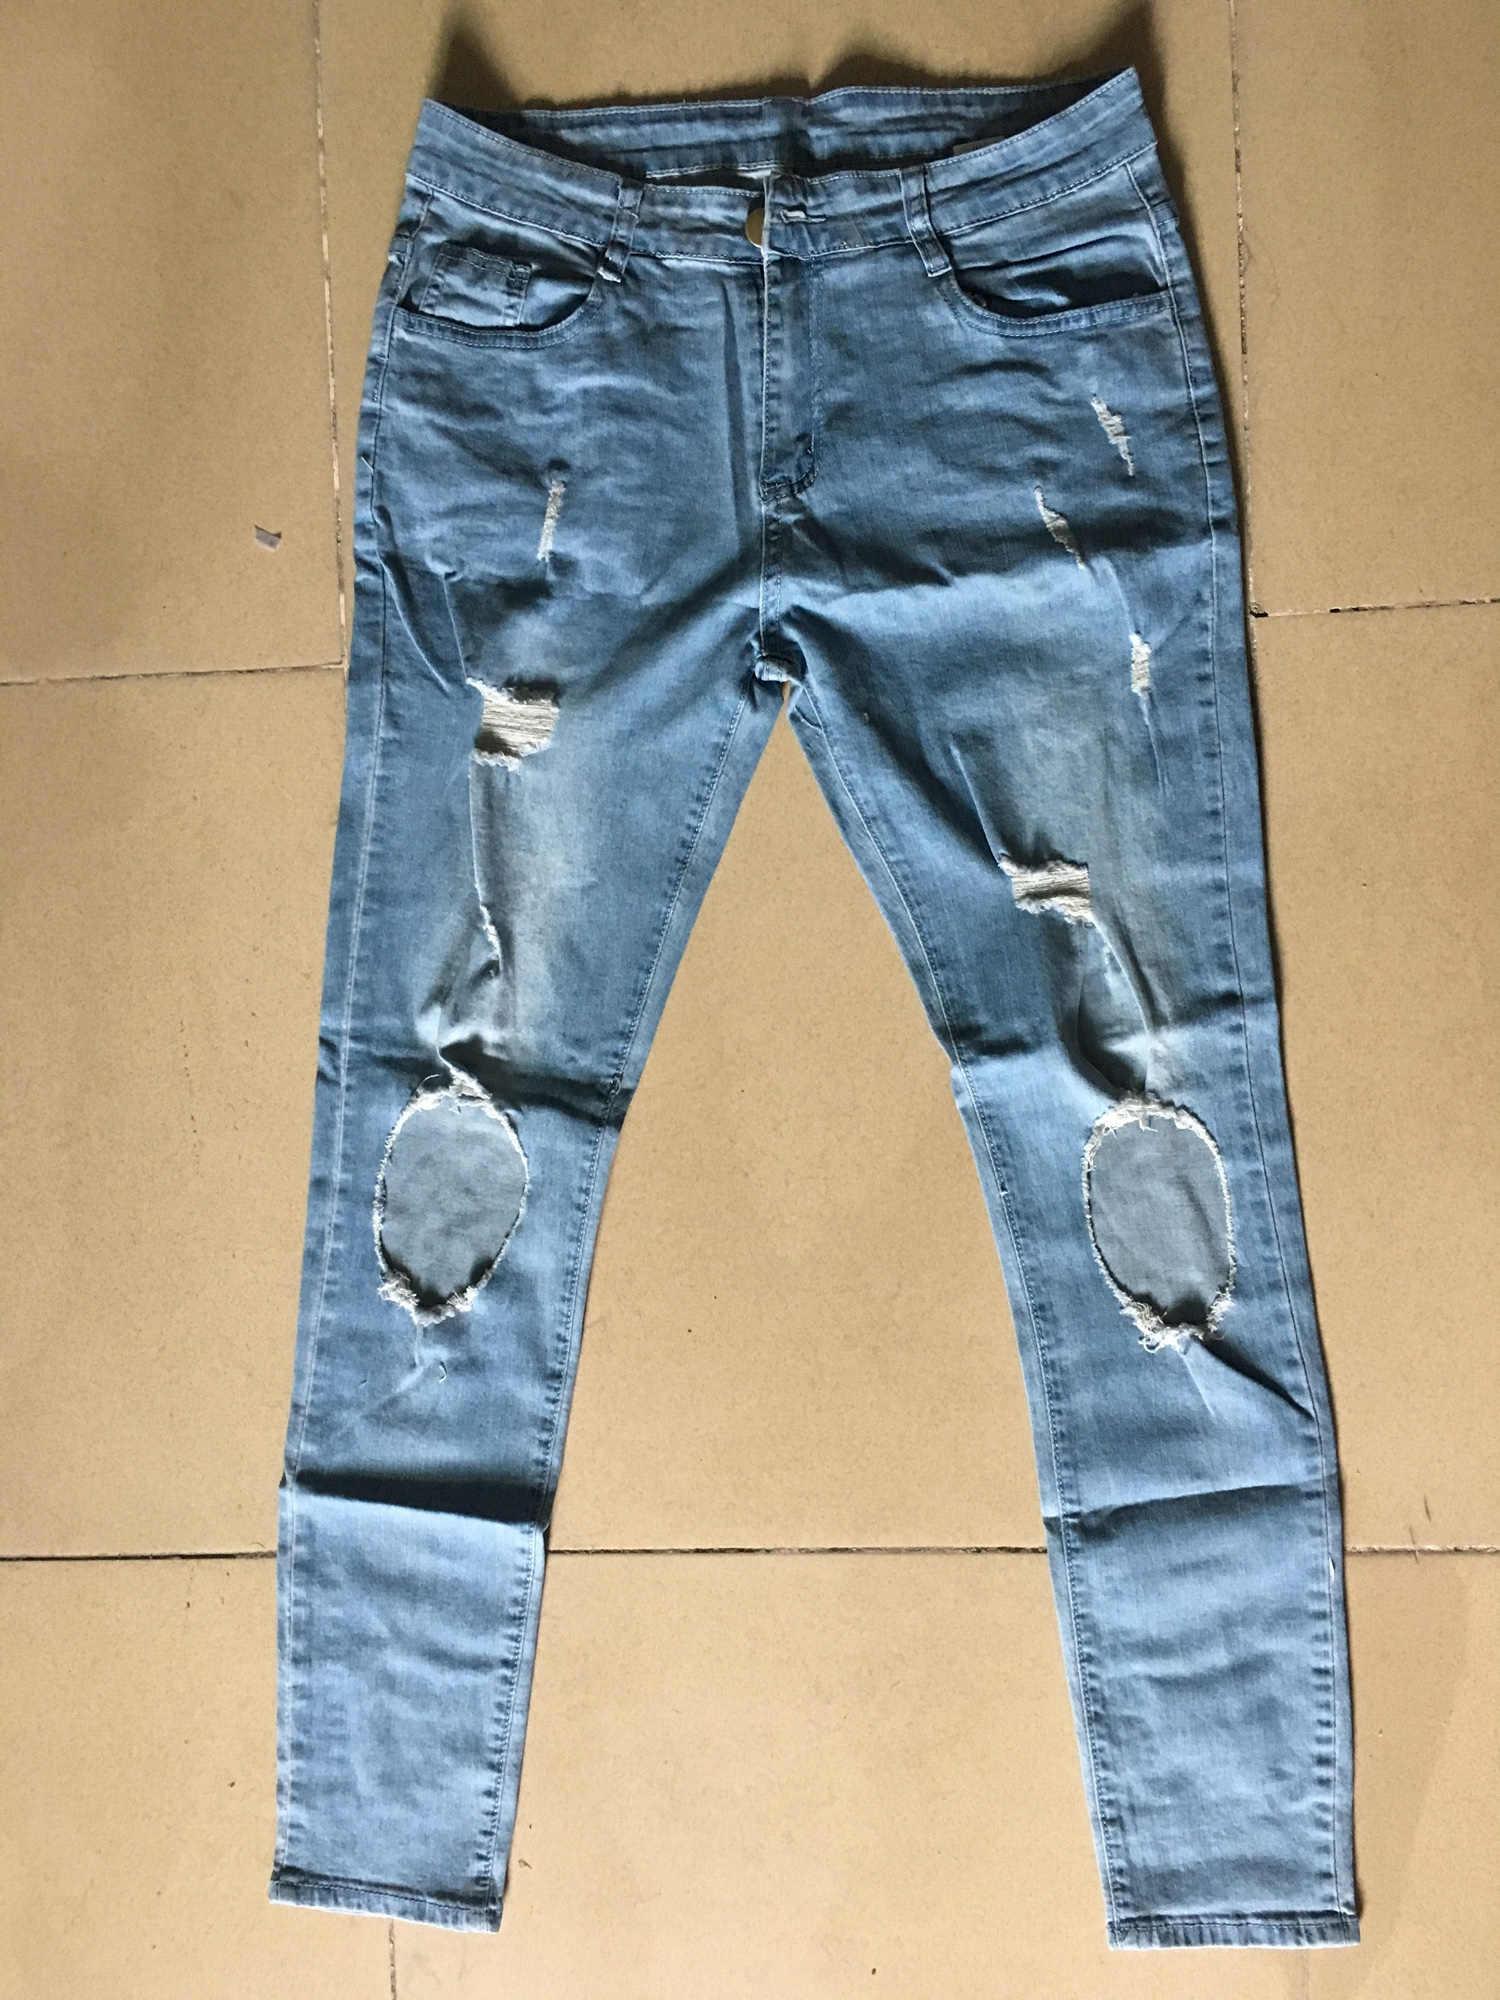 Moda streetwear calças de brim masculinas vintage azul cor cinza magro destruído jeans rasgados calças de brim do punk quebrado homme hip hop